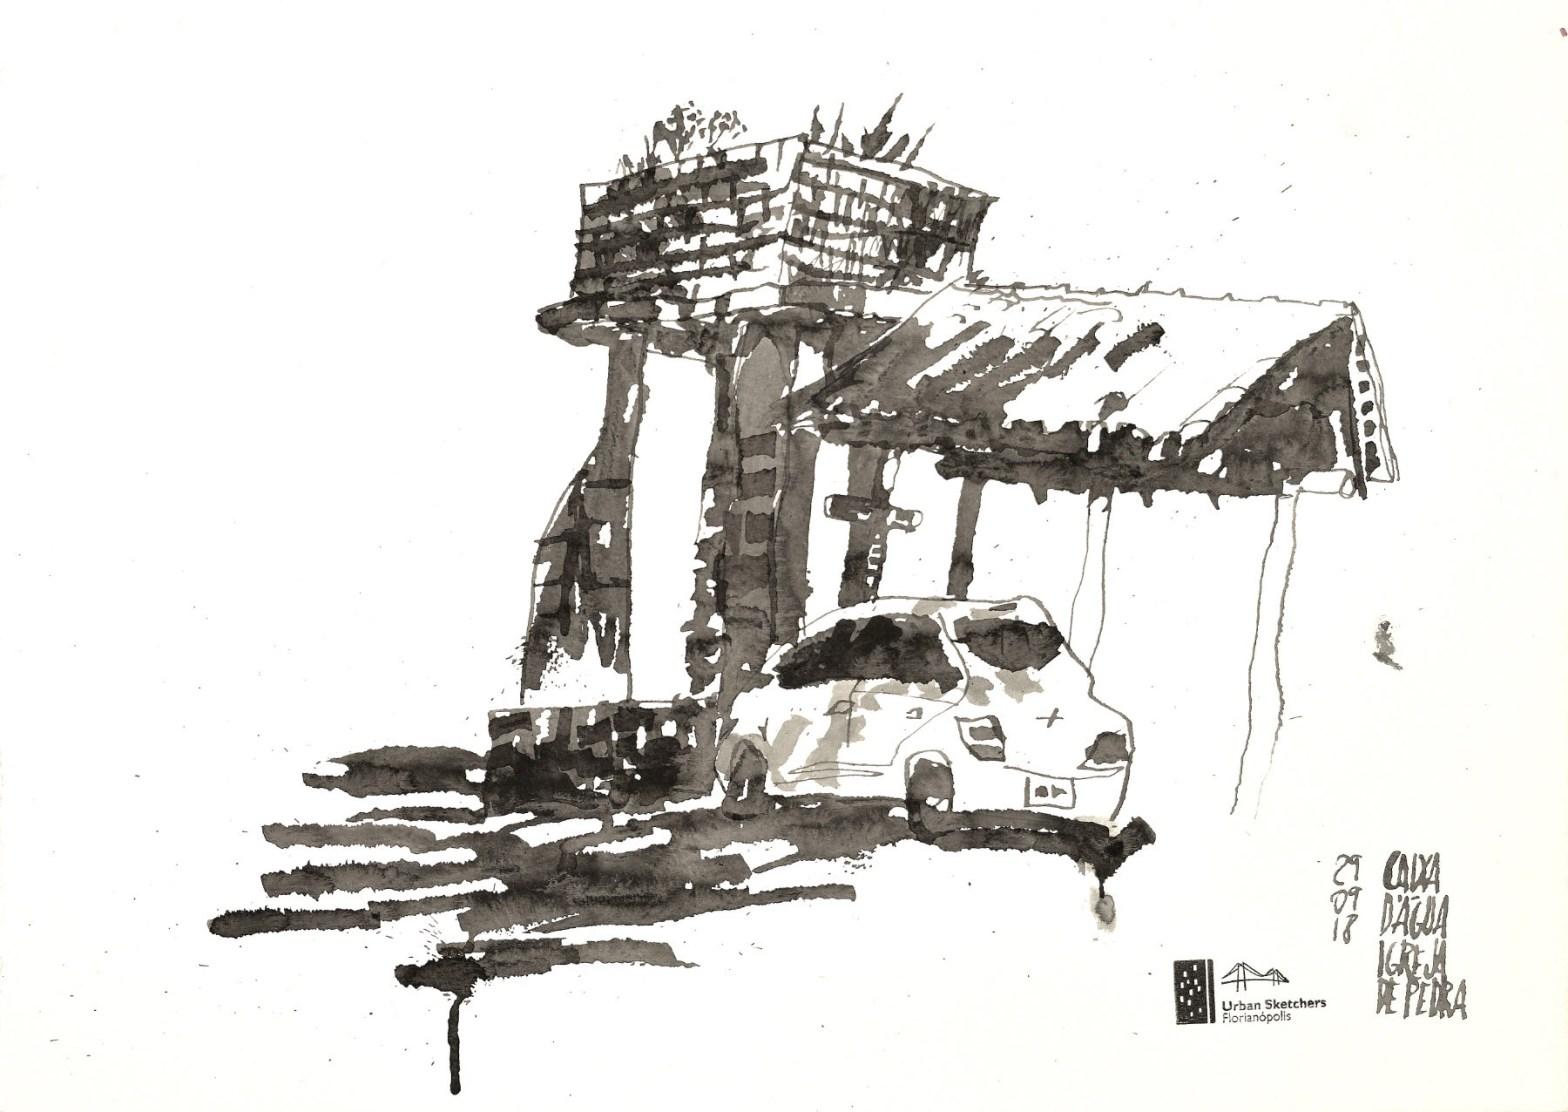 Desenho em tons de cinza mostrando uma caixa d'água, uma cobertura com telhas é um carro